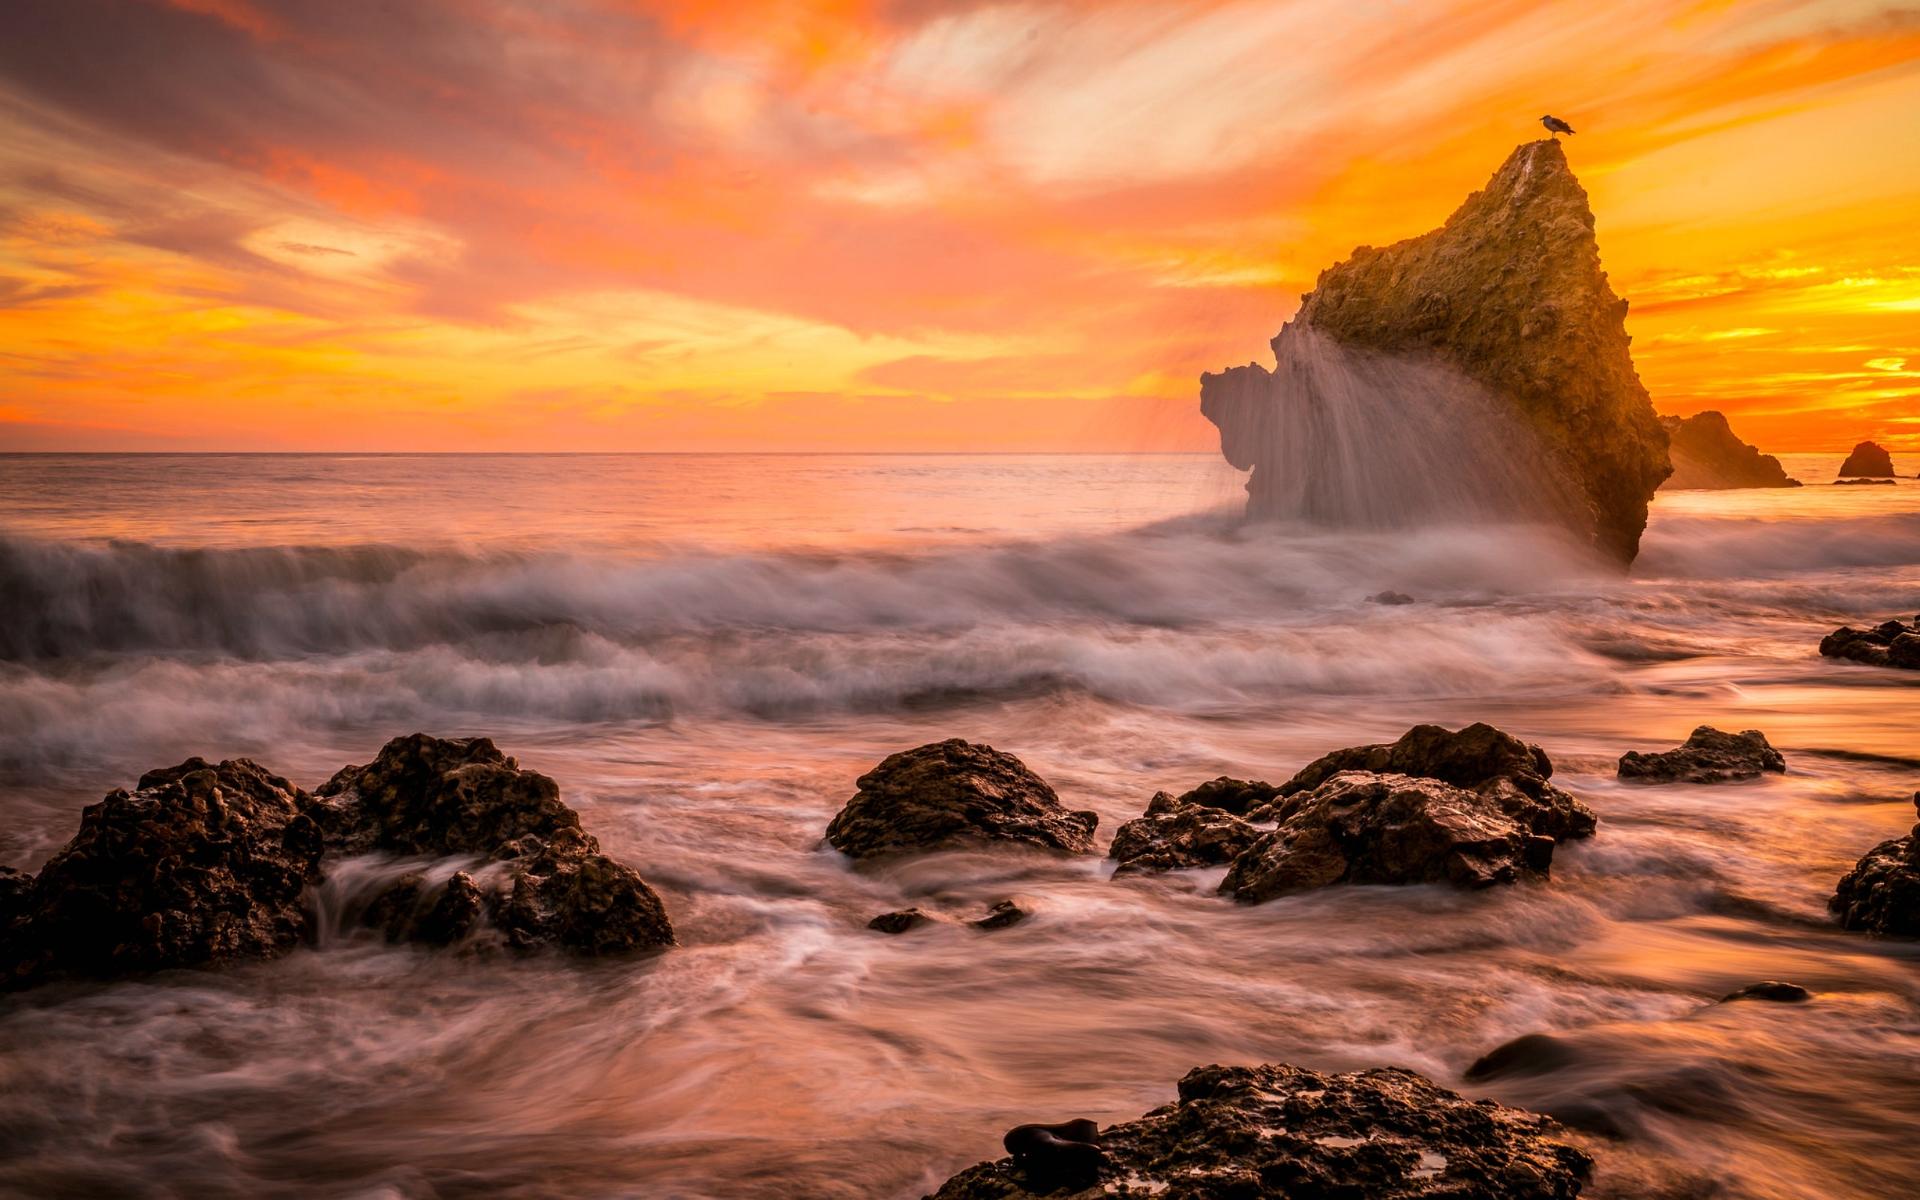 Wallpaper Rocky Beach Desktop Wallpapers: Rocky Beach At Sunset HD Wallpaper